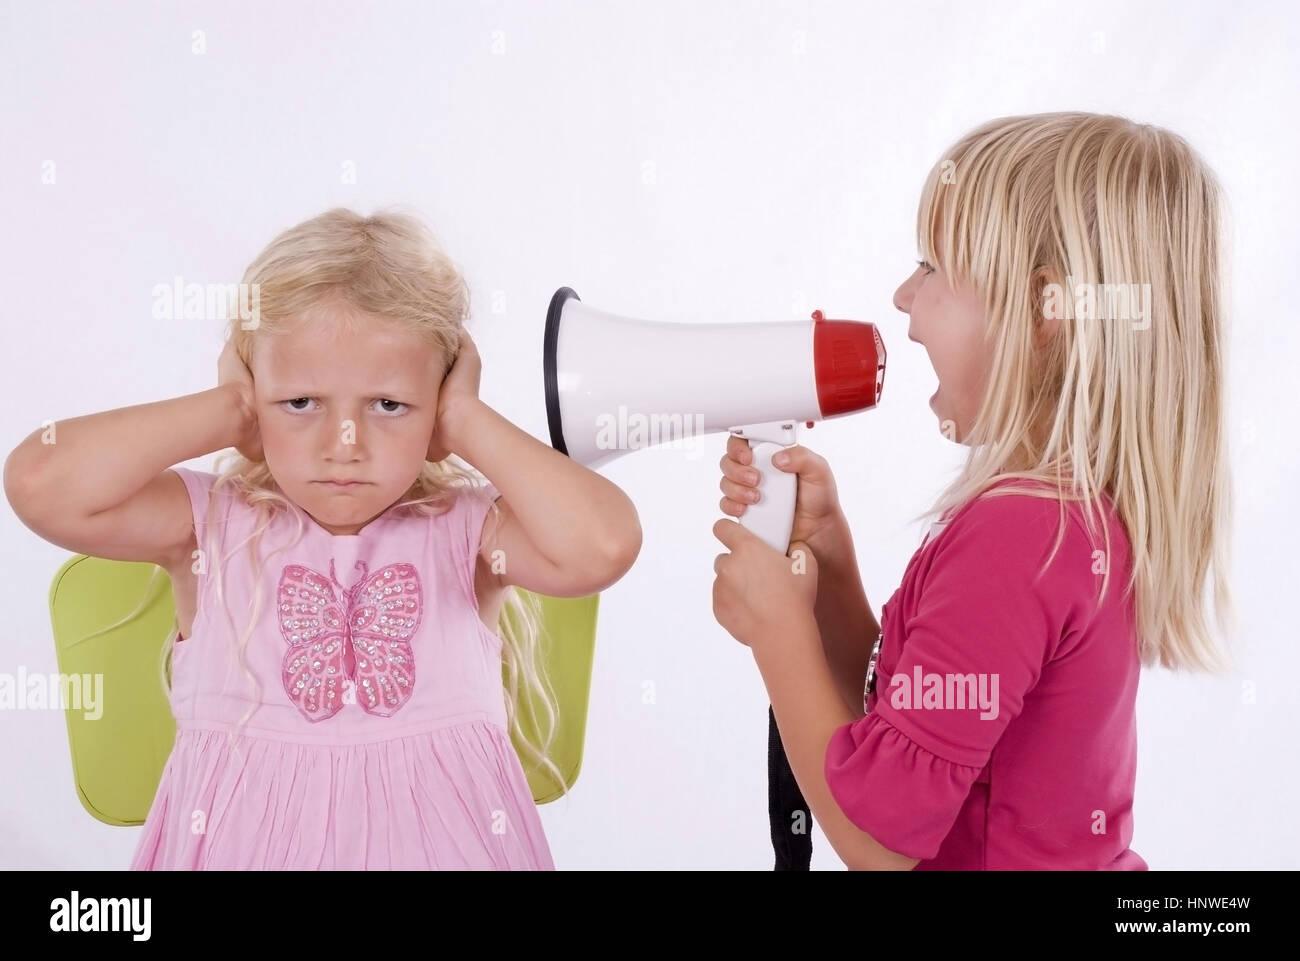 Model release, Maedchen schreien sich mit Megaphon an - screaming with megaphon Stock Photo